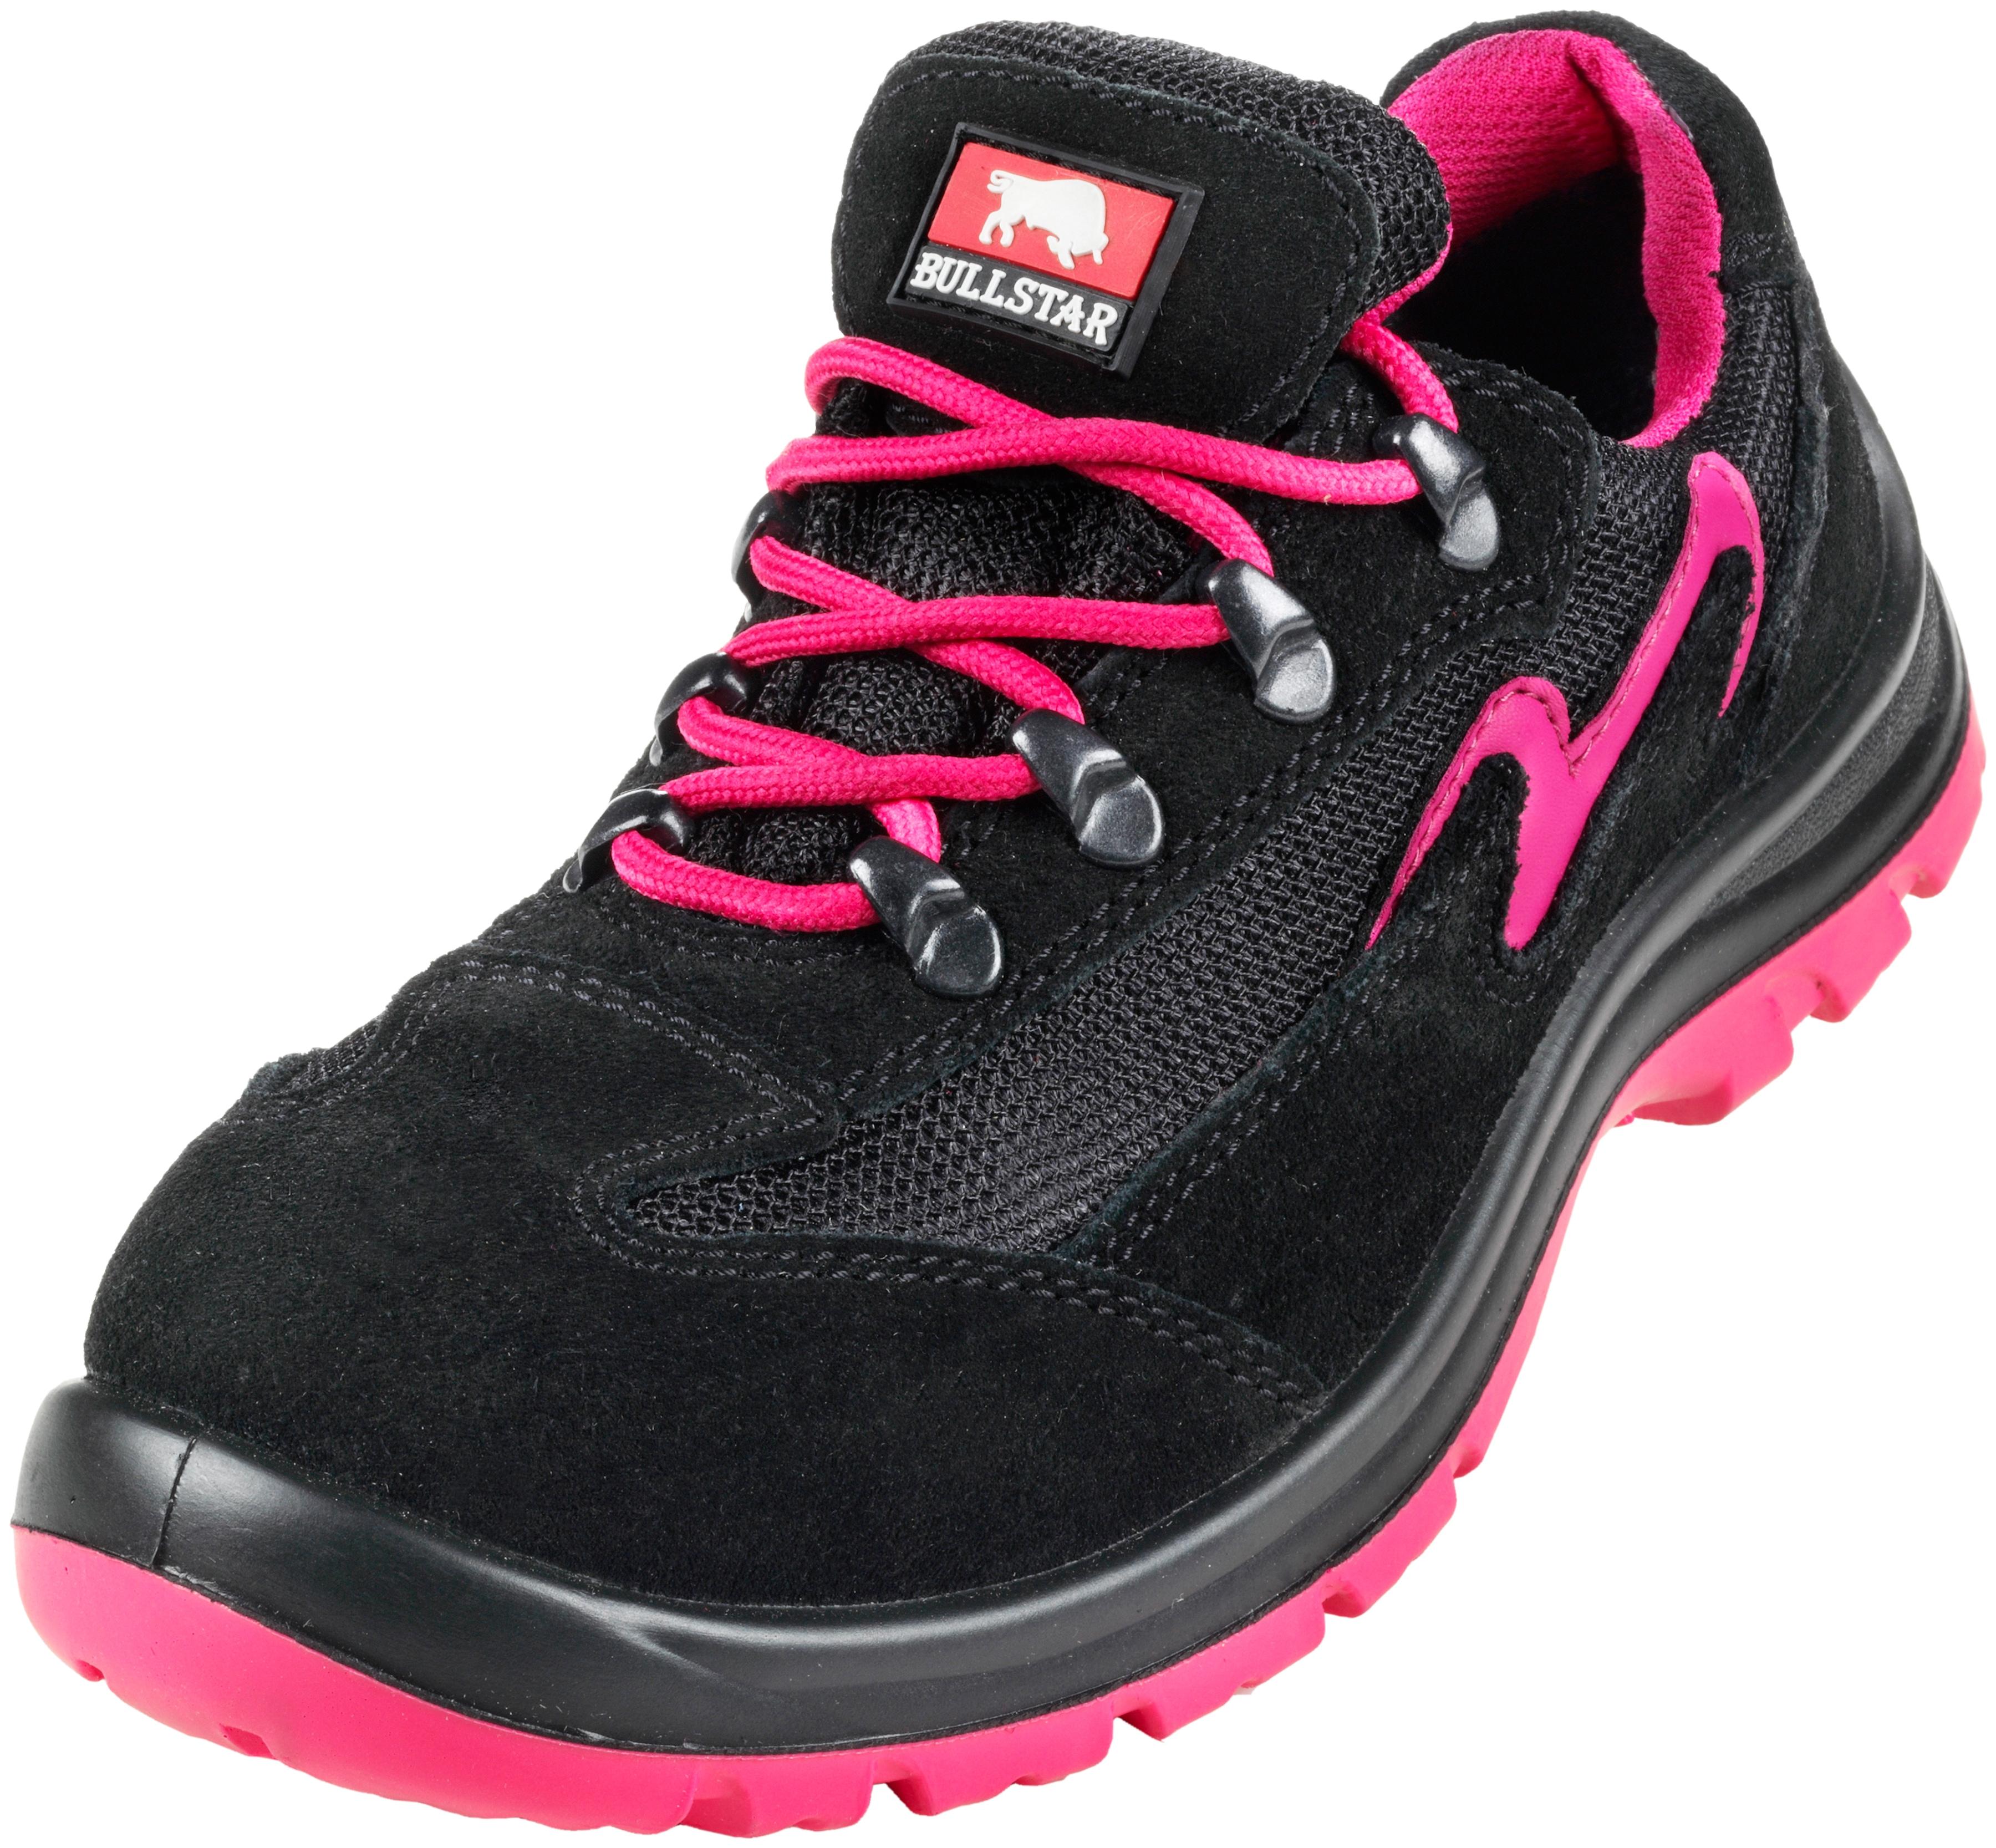 BULLSTAR Damen-Sicherheitsschuh | Schuhe > Sicherheitsschuhe | Schwarz | Pu | BULLSTAR